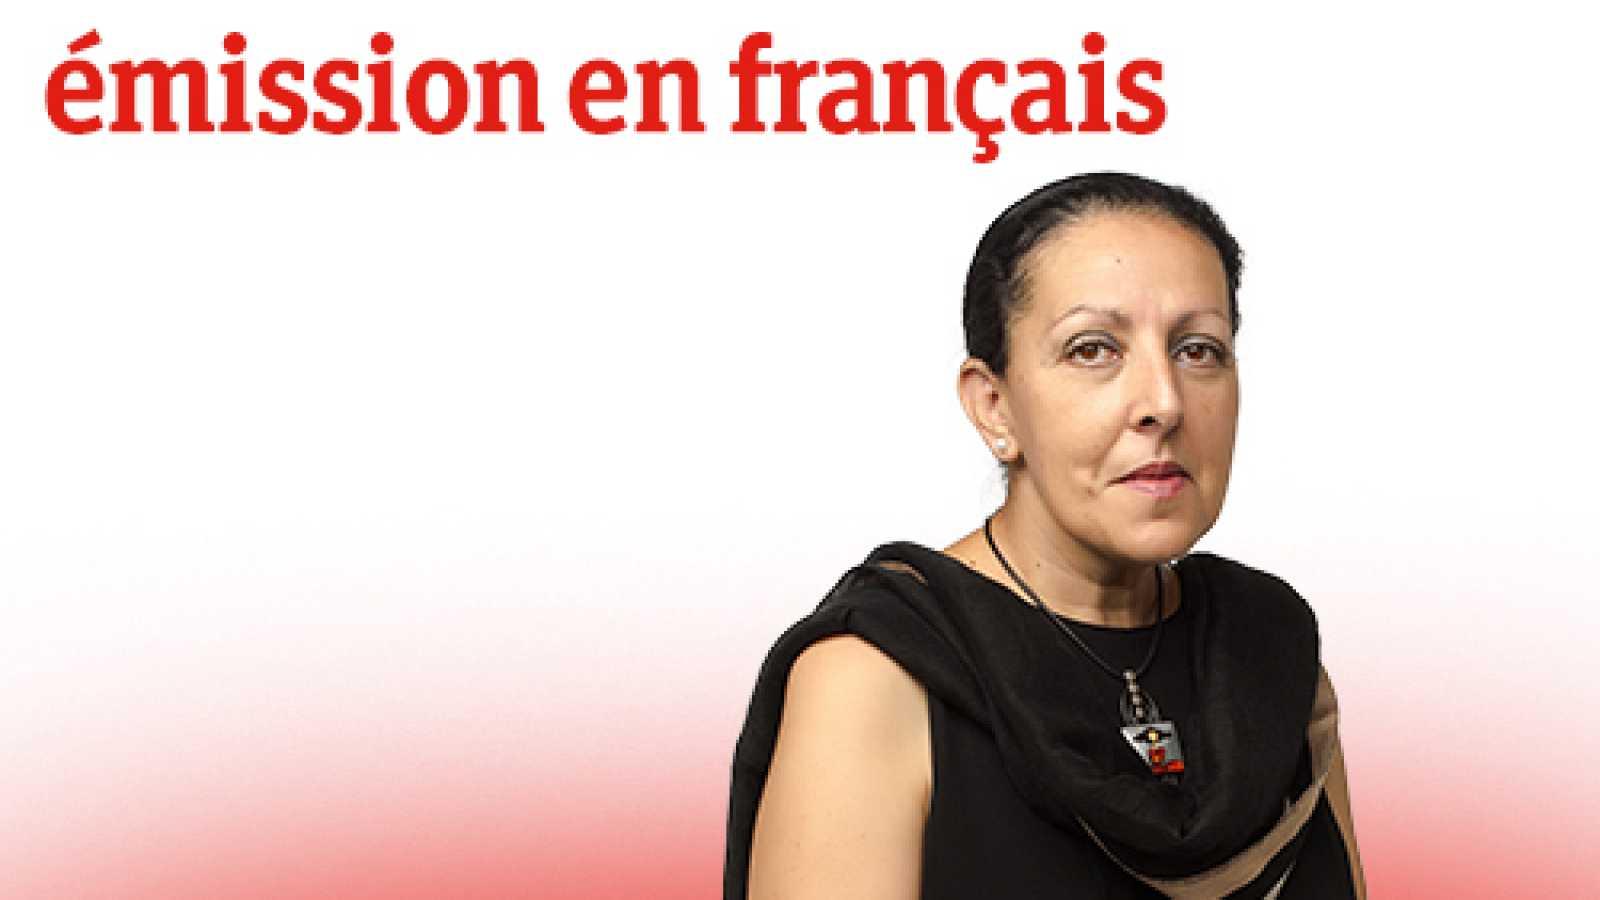 Emission en français - Liban: les livres pour résister - 22/10/20 - escuchar ahora